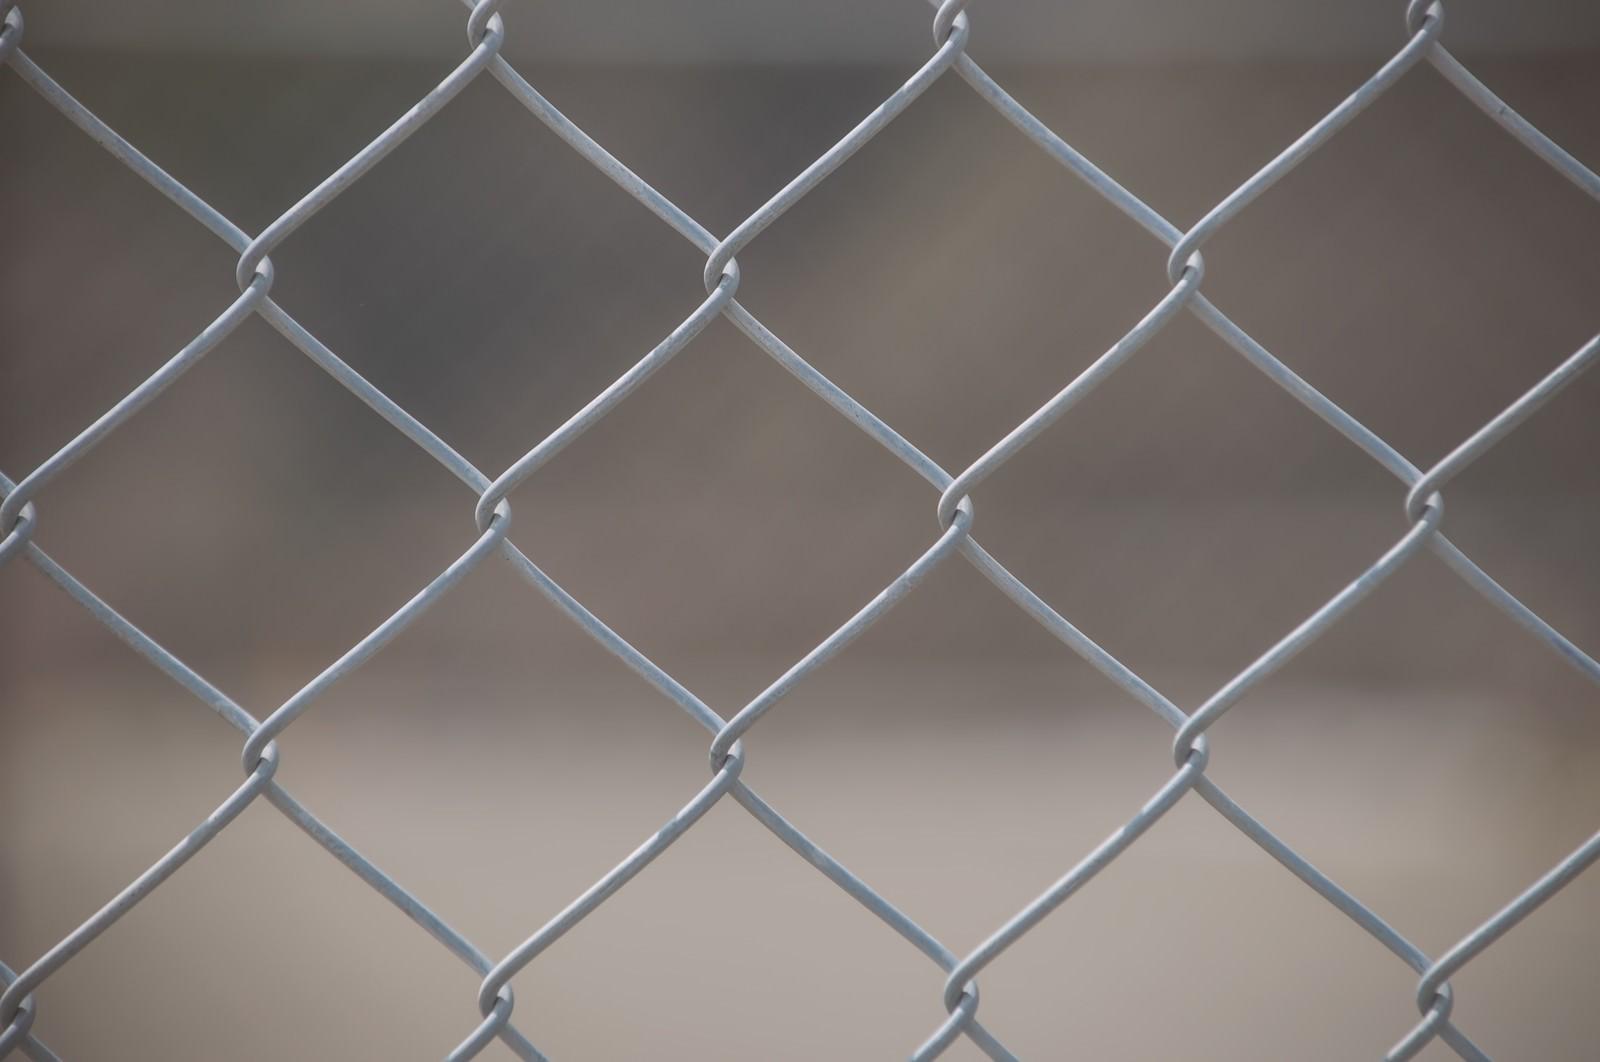 「フェンス」の写真